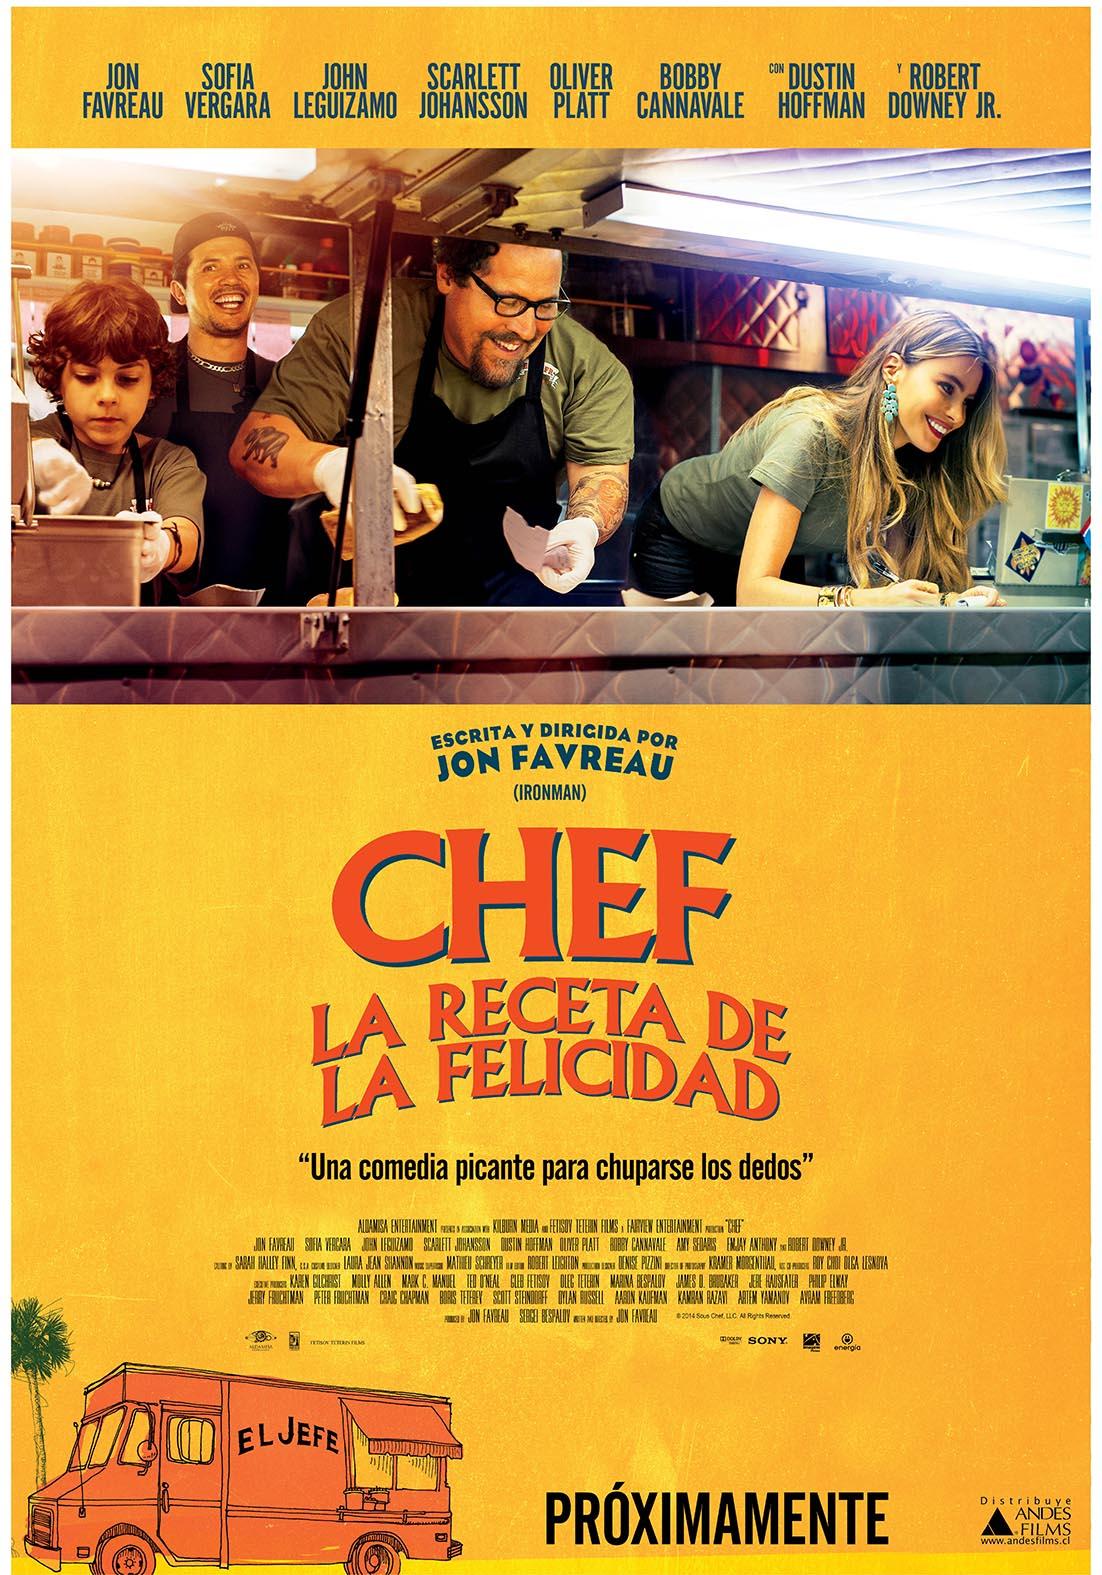 http://www.andesfilms.com.pe/chef-la-receta-de-la-felicidad/